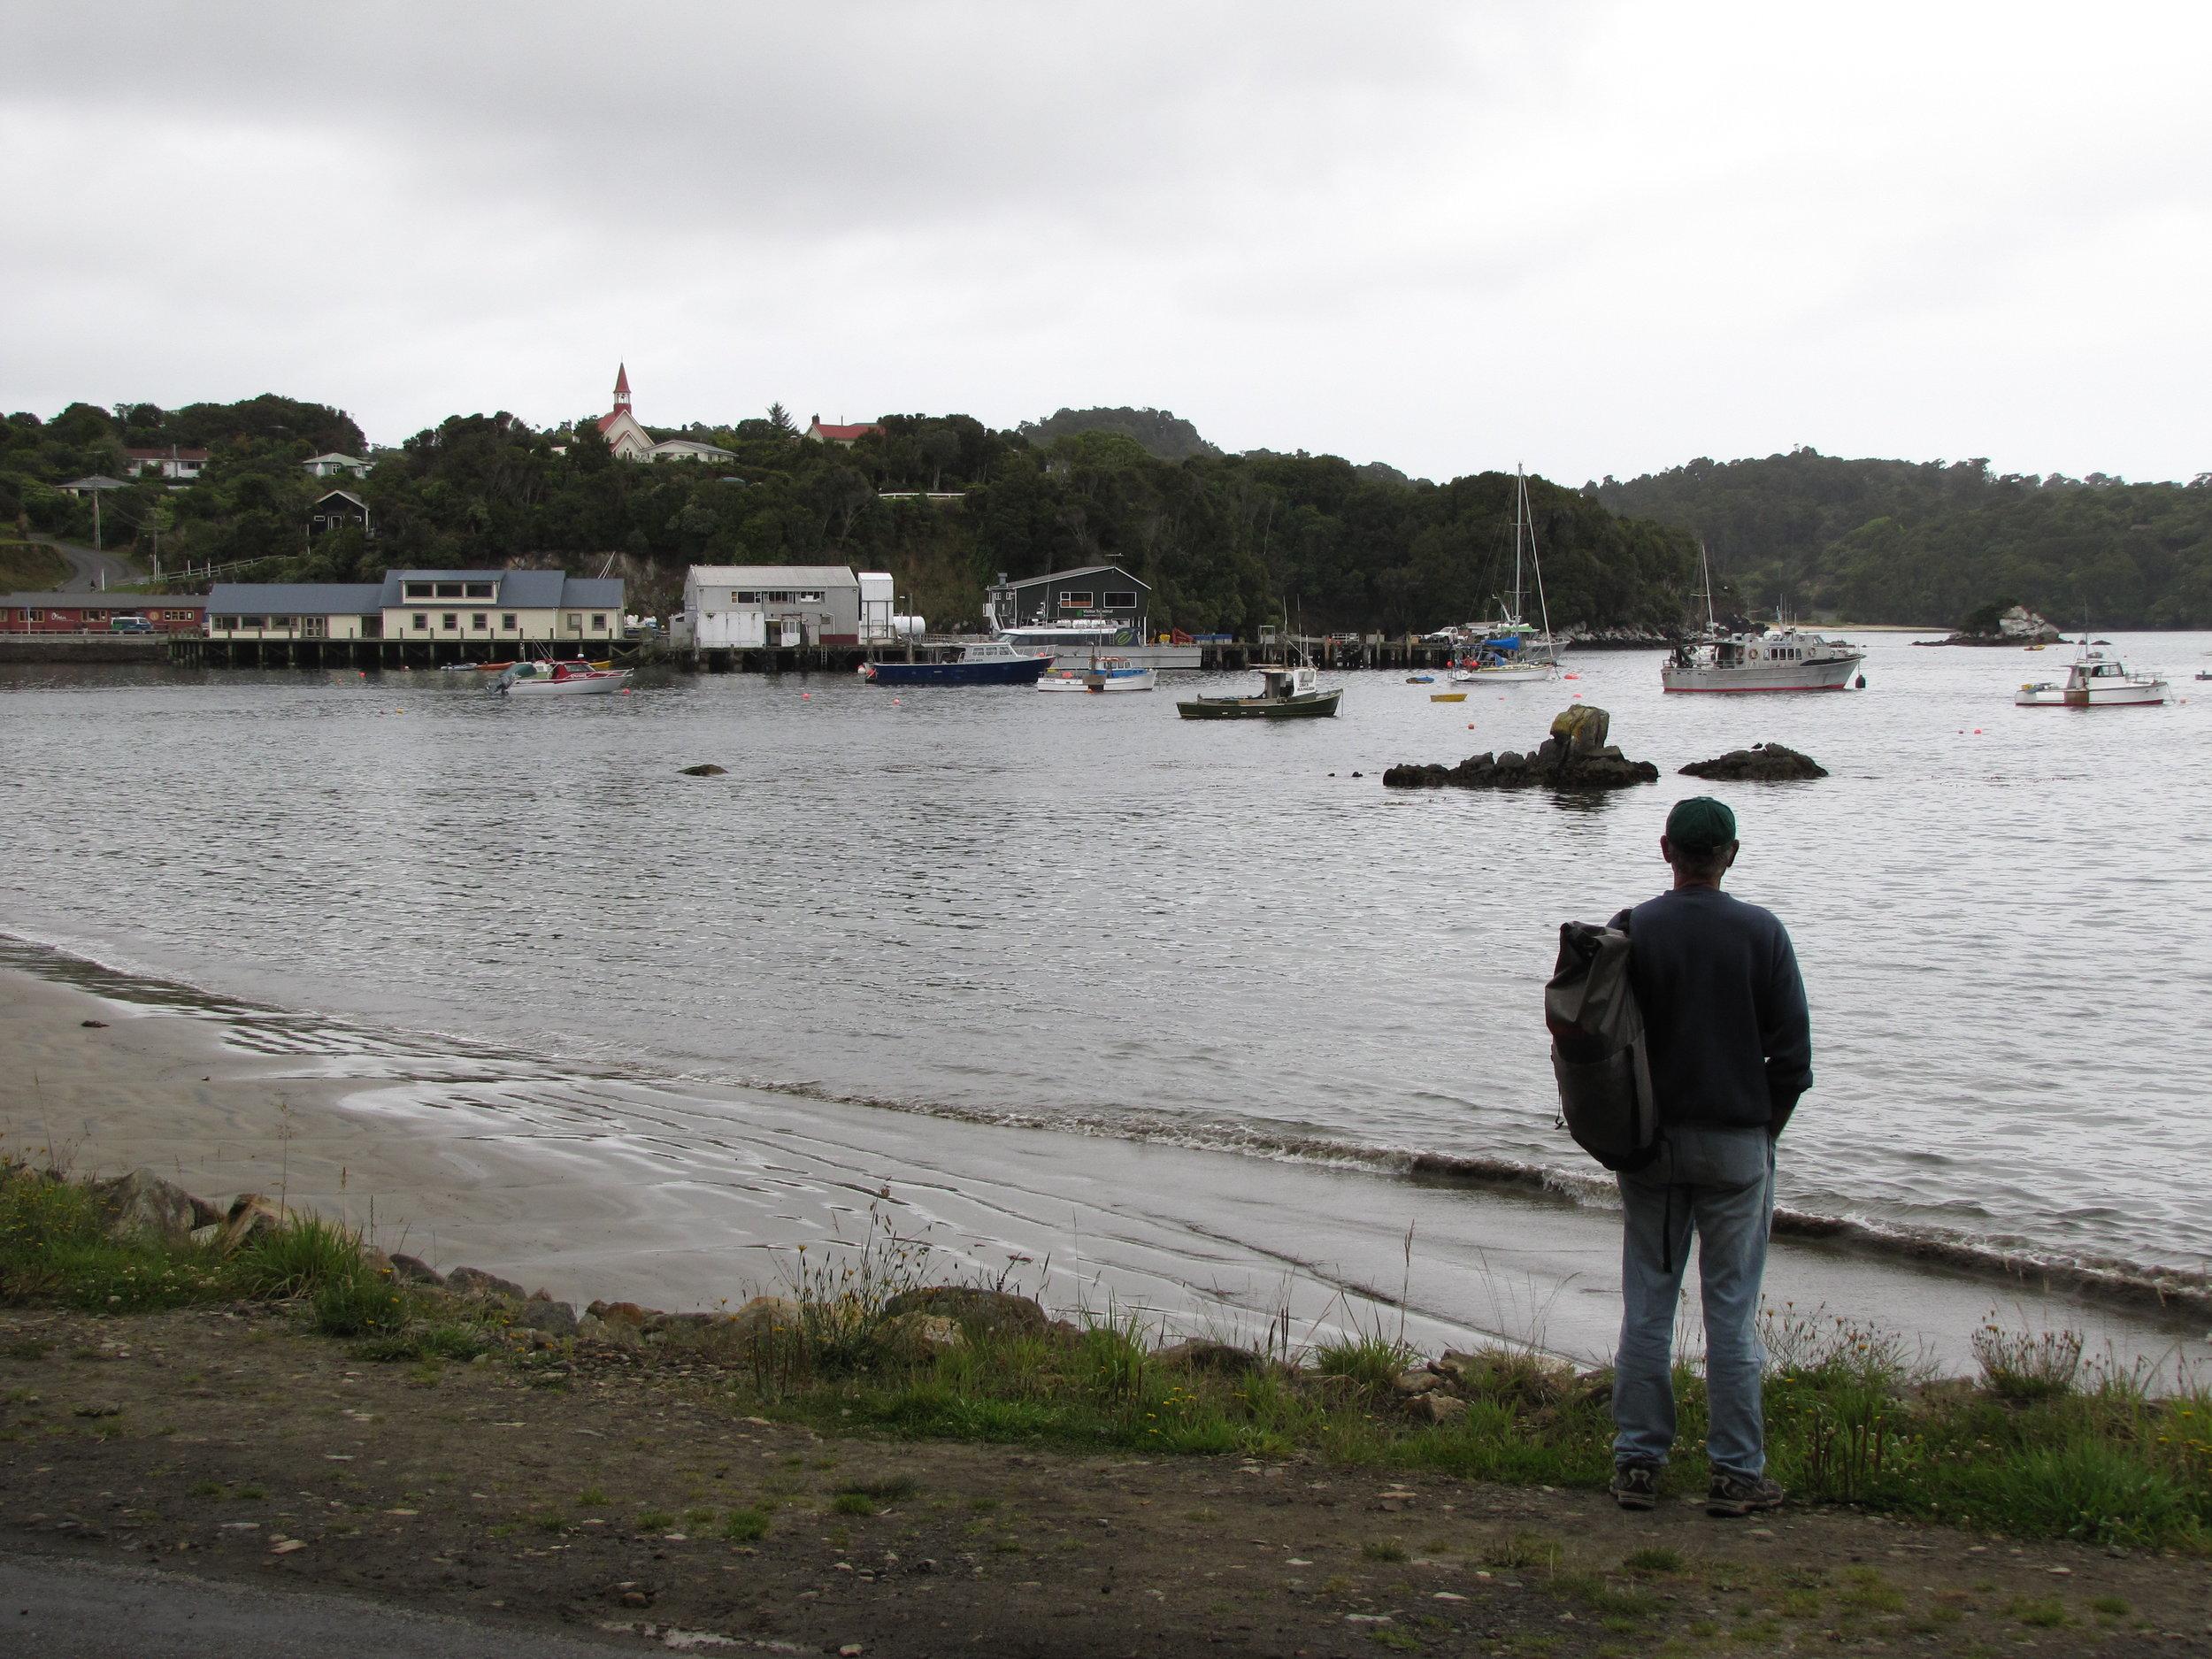 The harbour in Oban, Stewart Island